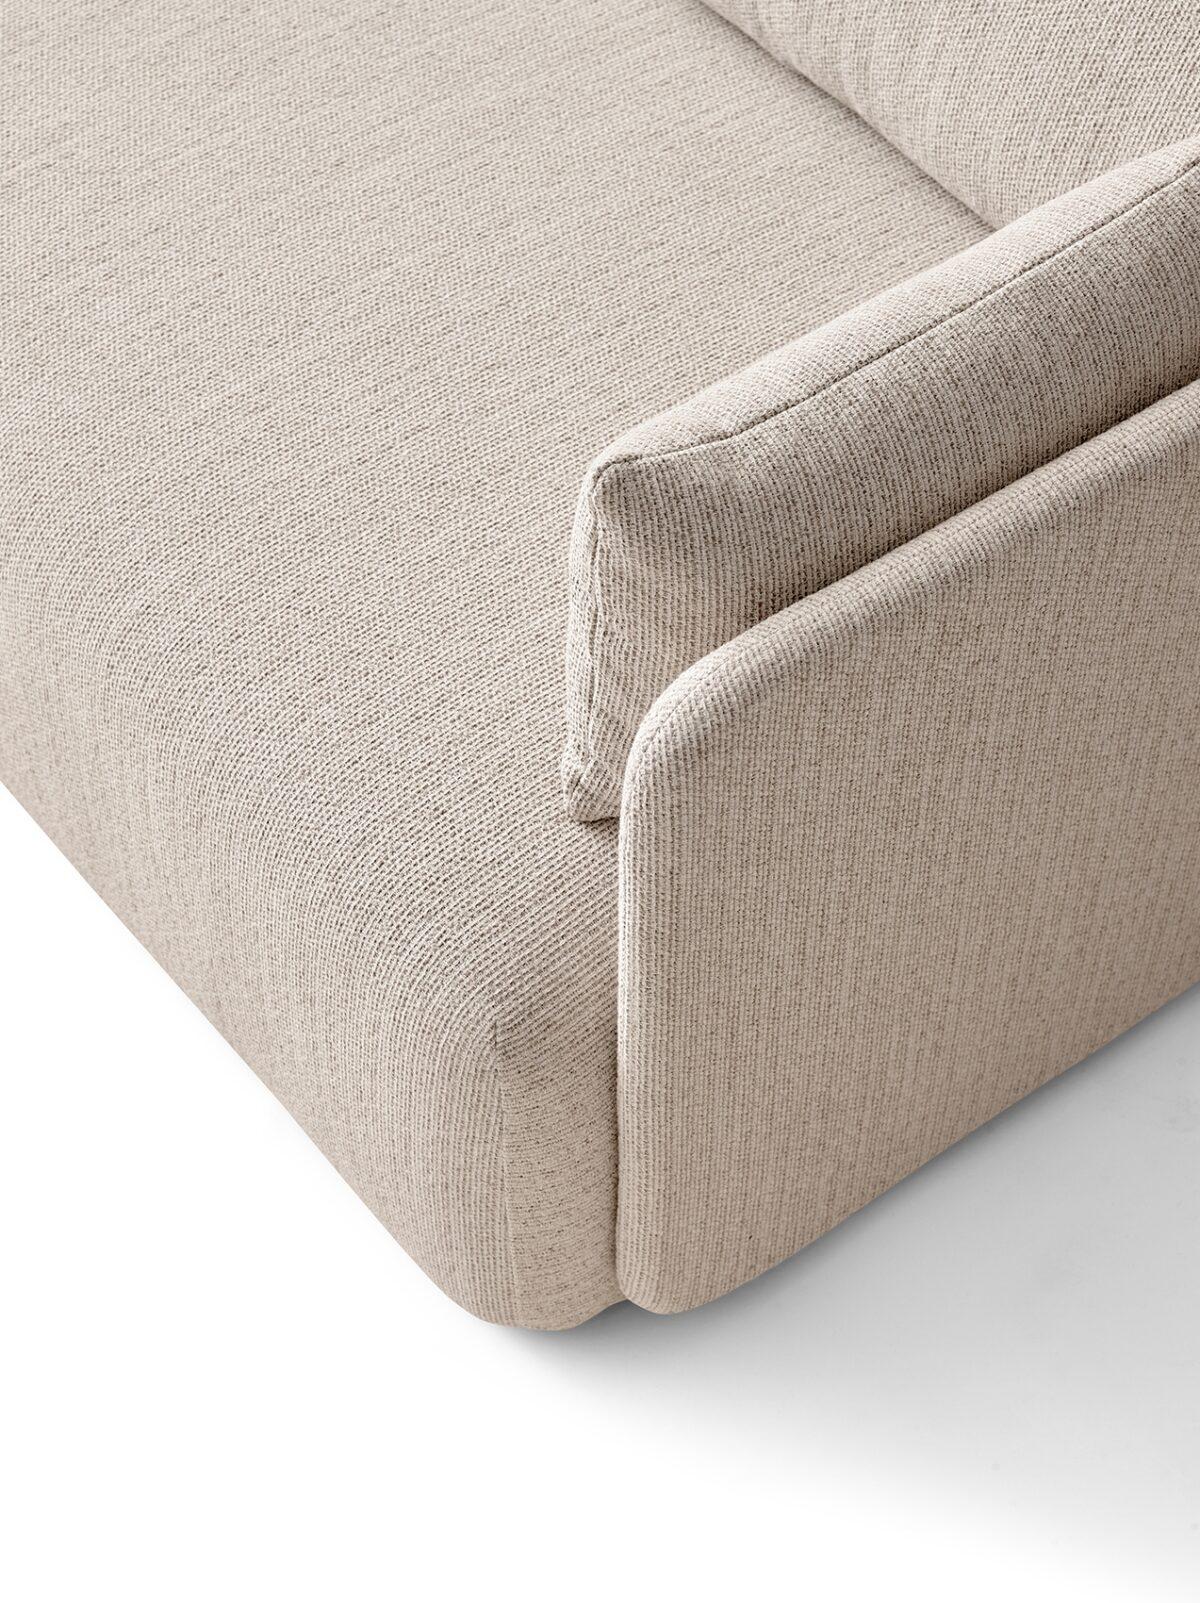 9851029 Offset Sofa 3 Seater Savannah 202 detail2019 06 25 13 58 06 805 1